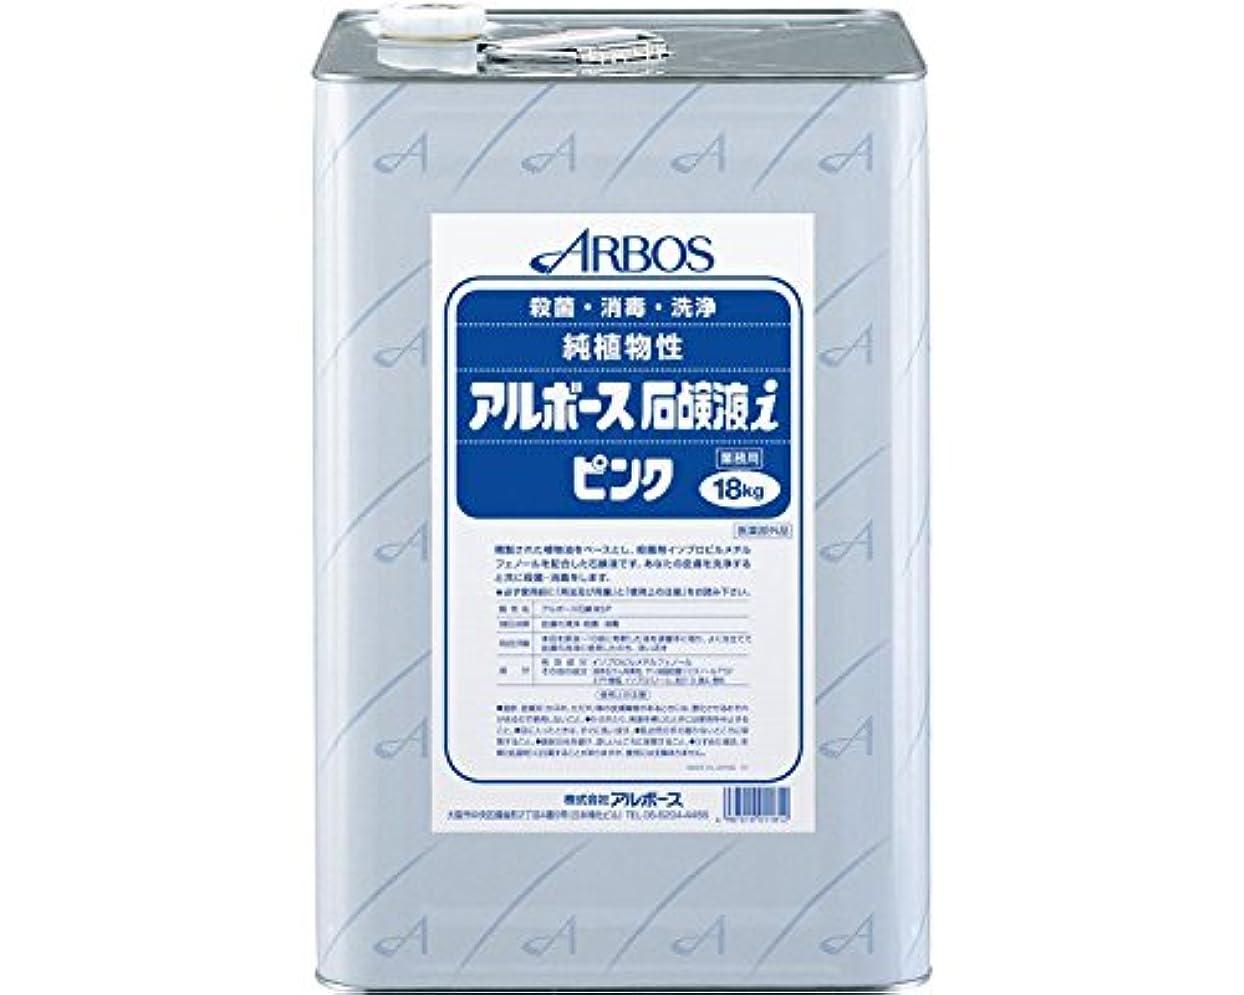 オフセット歩き回る自分の力ですべてをするアルボース石鹸液i ピンク 18kg (アルボース)